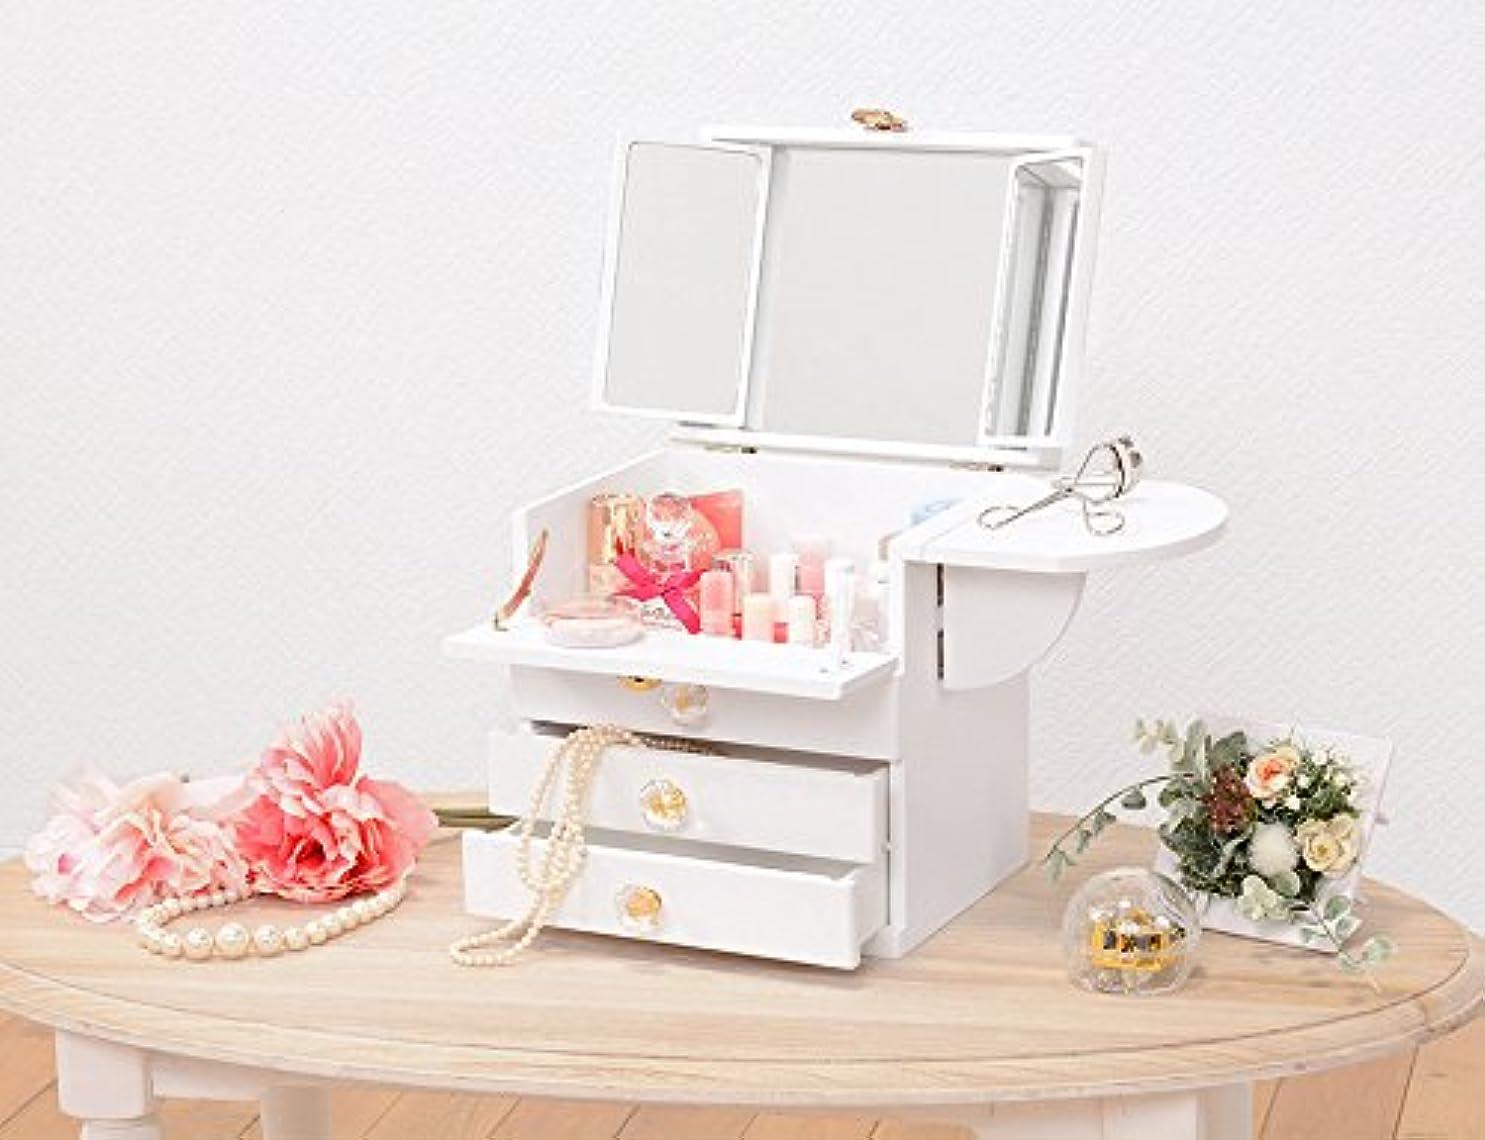 縮約腐敗した高度なコスメボックス 化粧ボックス ジュエリーボックス コスメ収納 収納ボックス 化粧台 3面鏡 完成品 折りたたみ式 軽量 コンパクト ホワイト